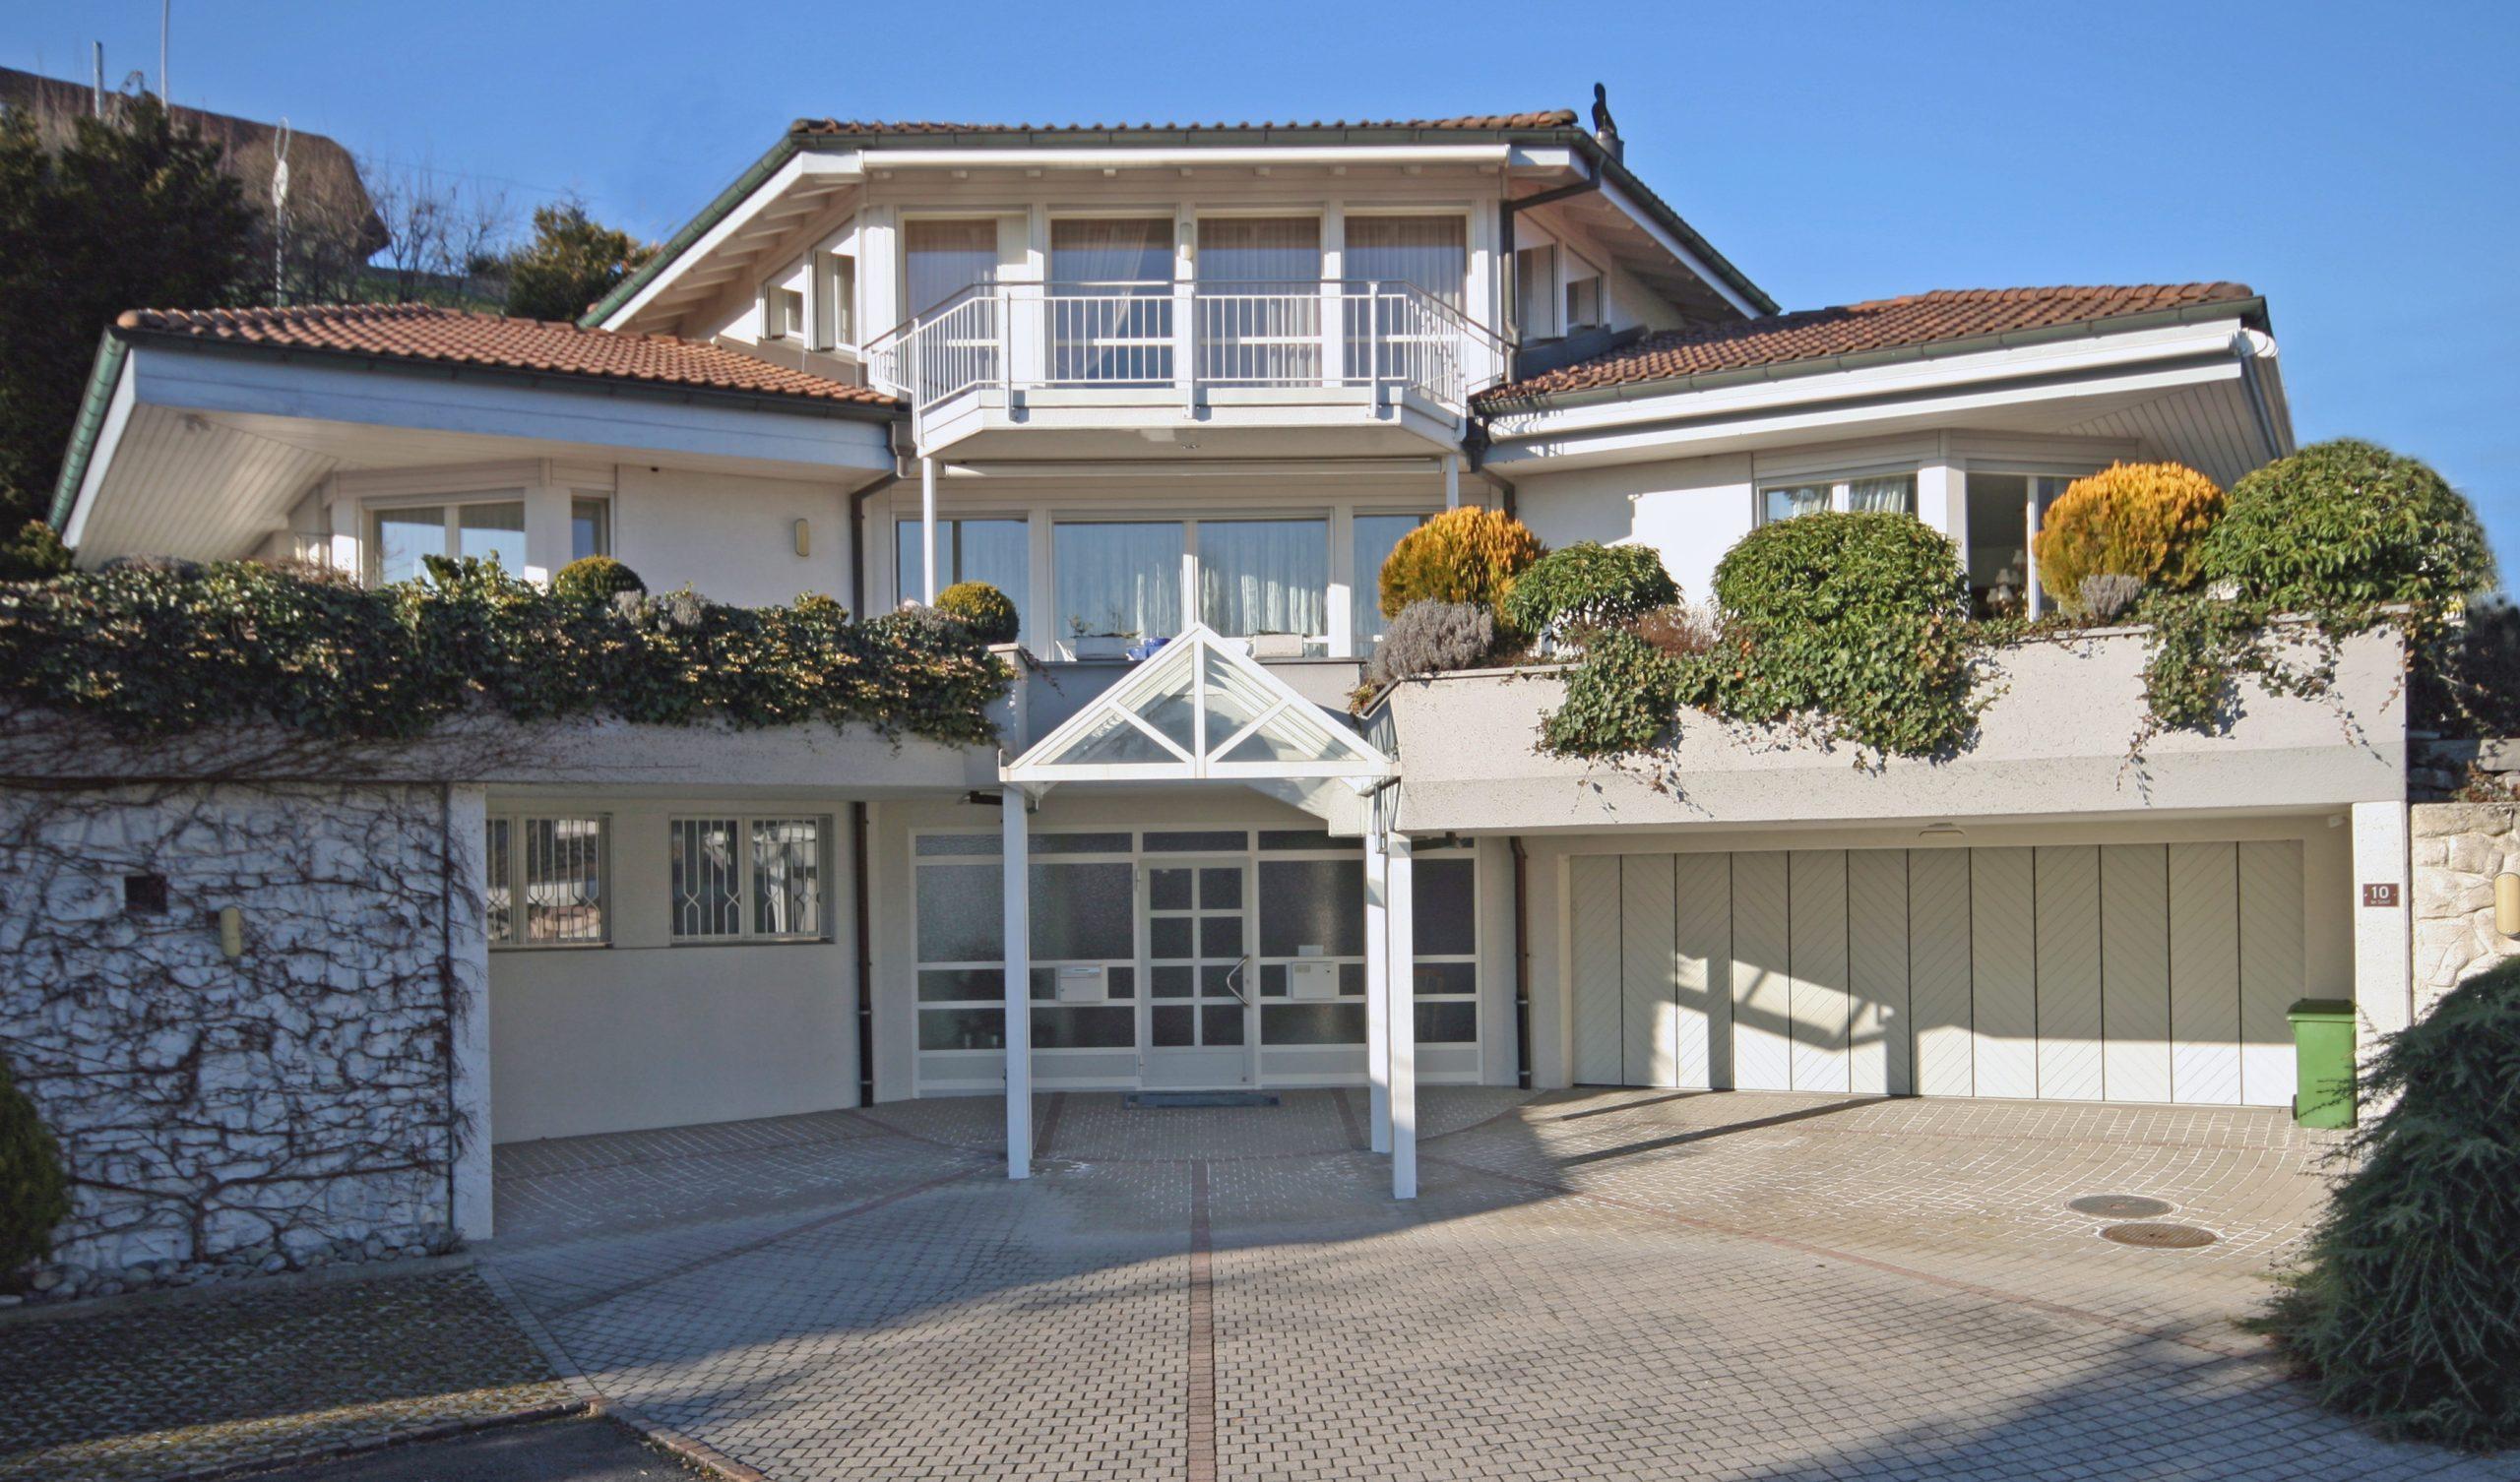 8 Zimmer Landhaus Villa mit Top Aussicht